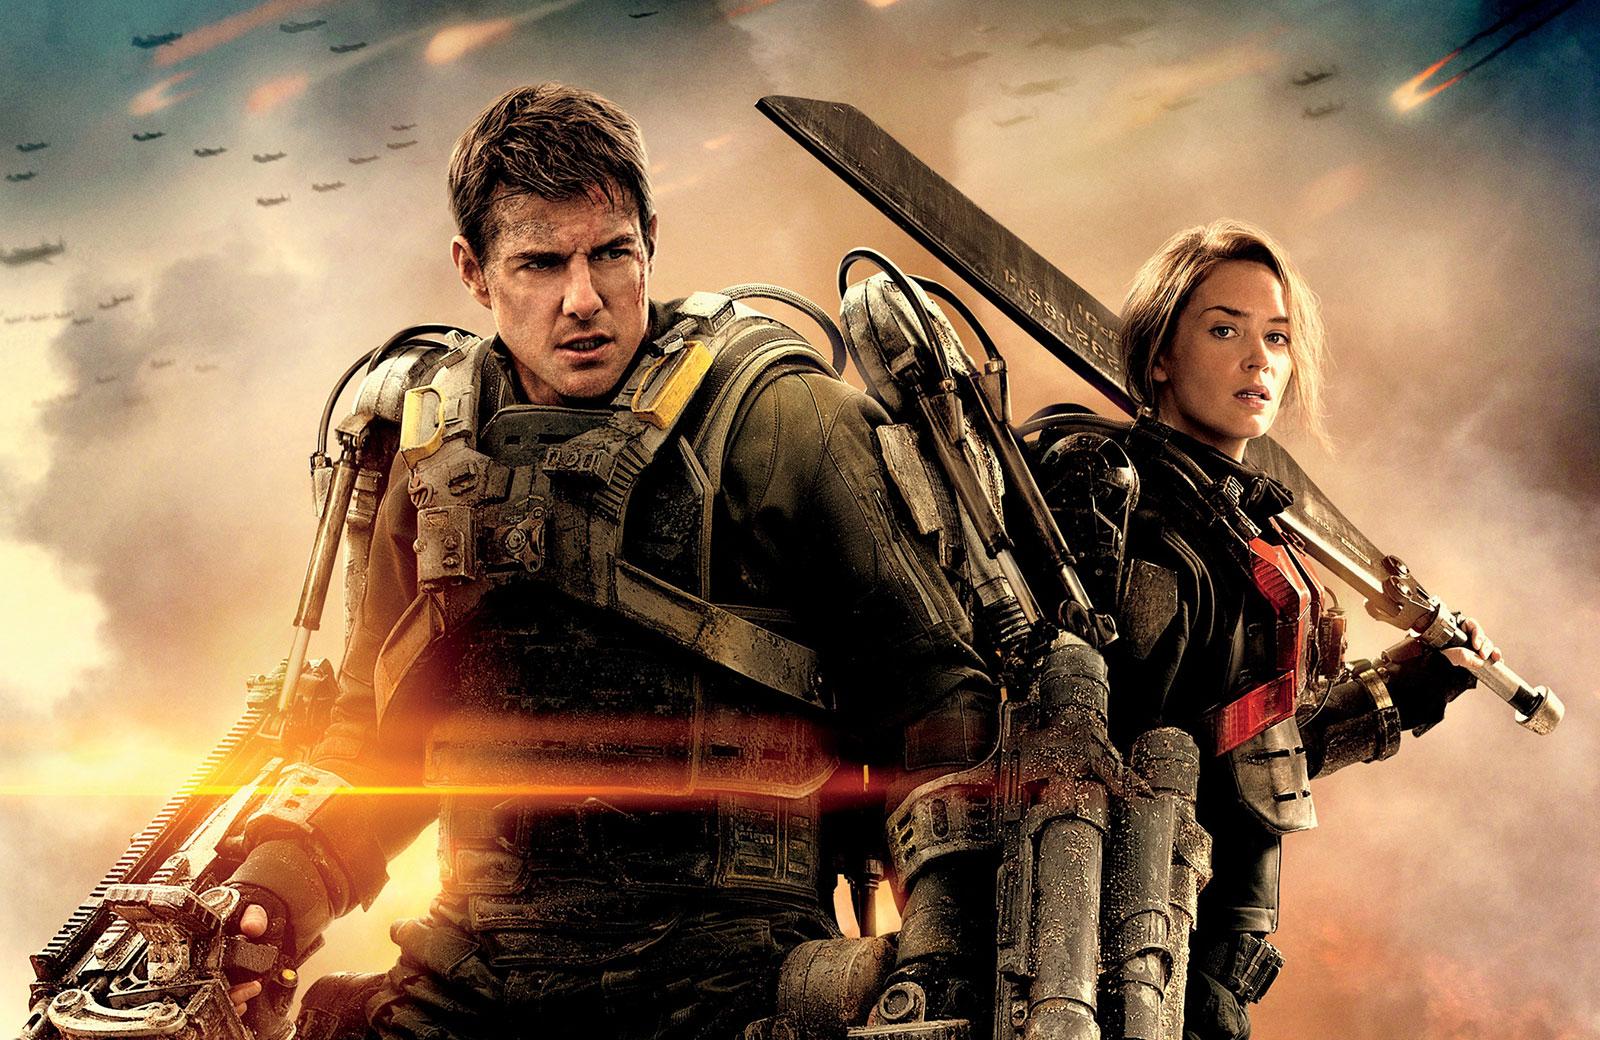 http://planetakino.ua/f/1/movies/edge-of-tomorrow/Edge-of-Tomorrow-afisha2.jpg